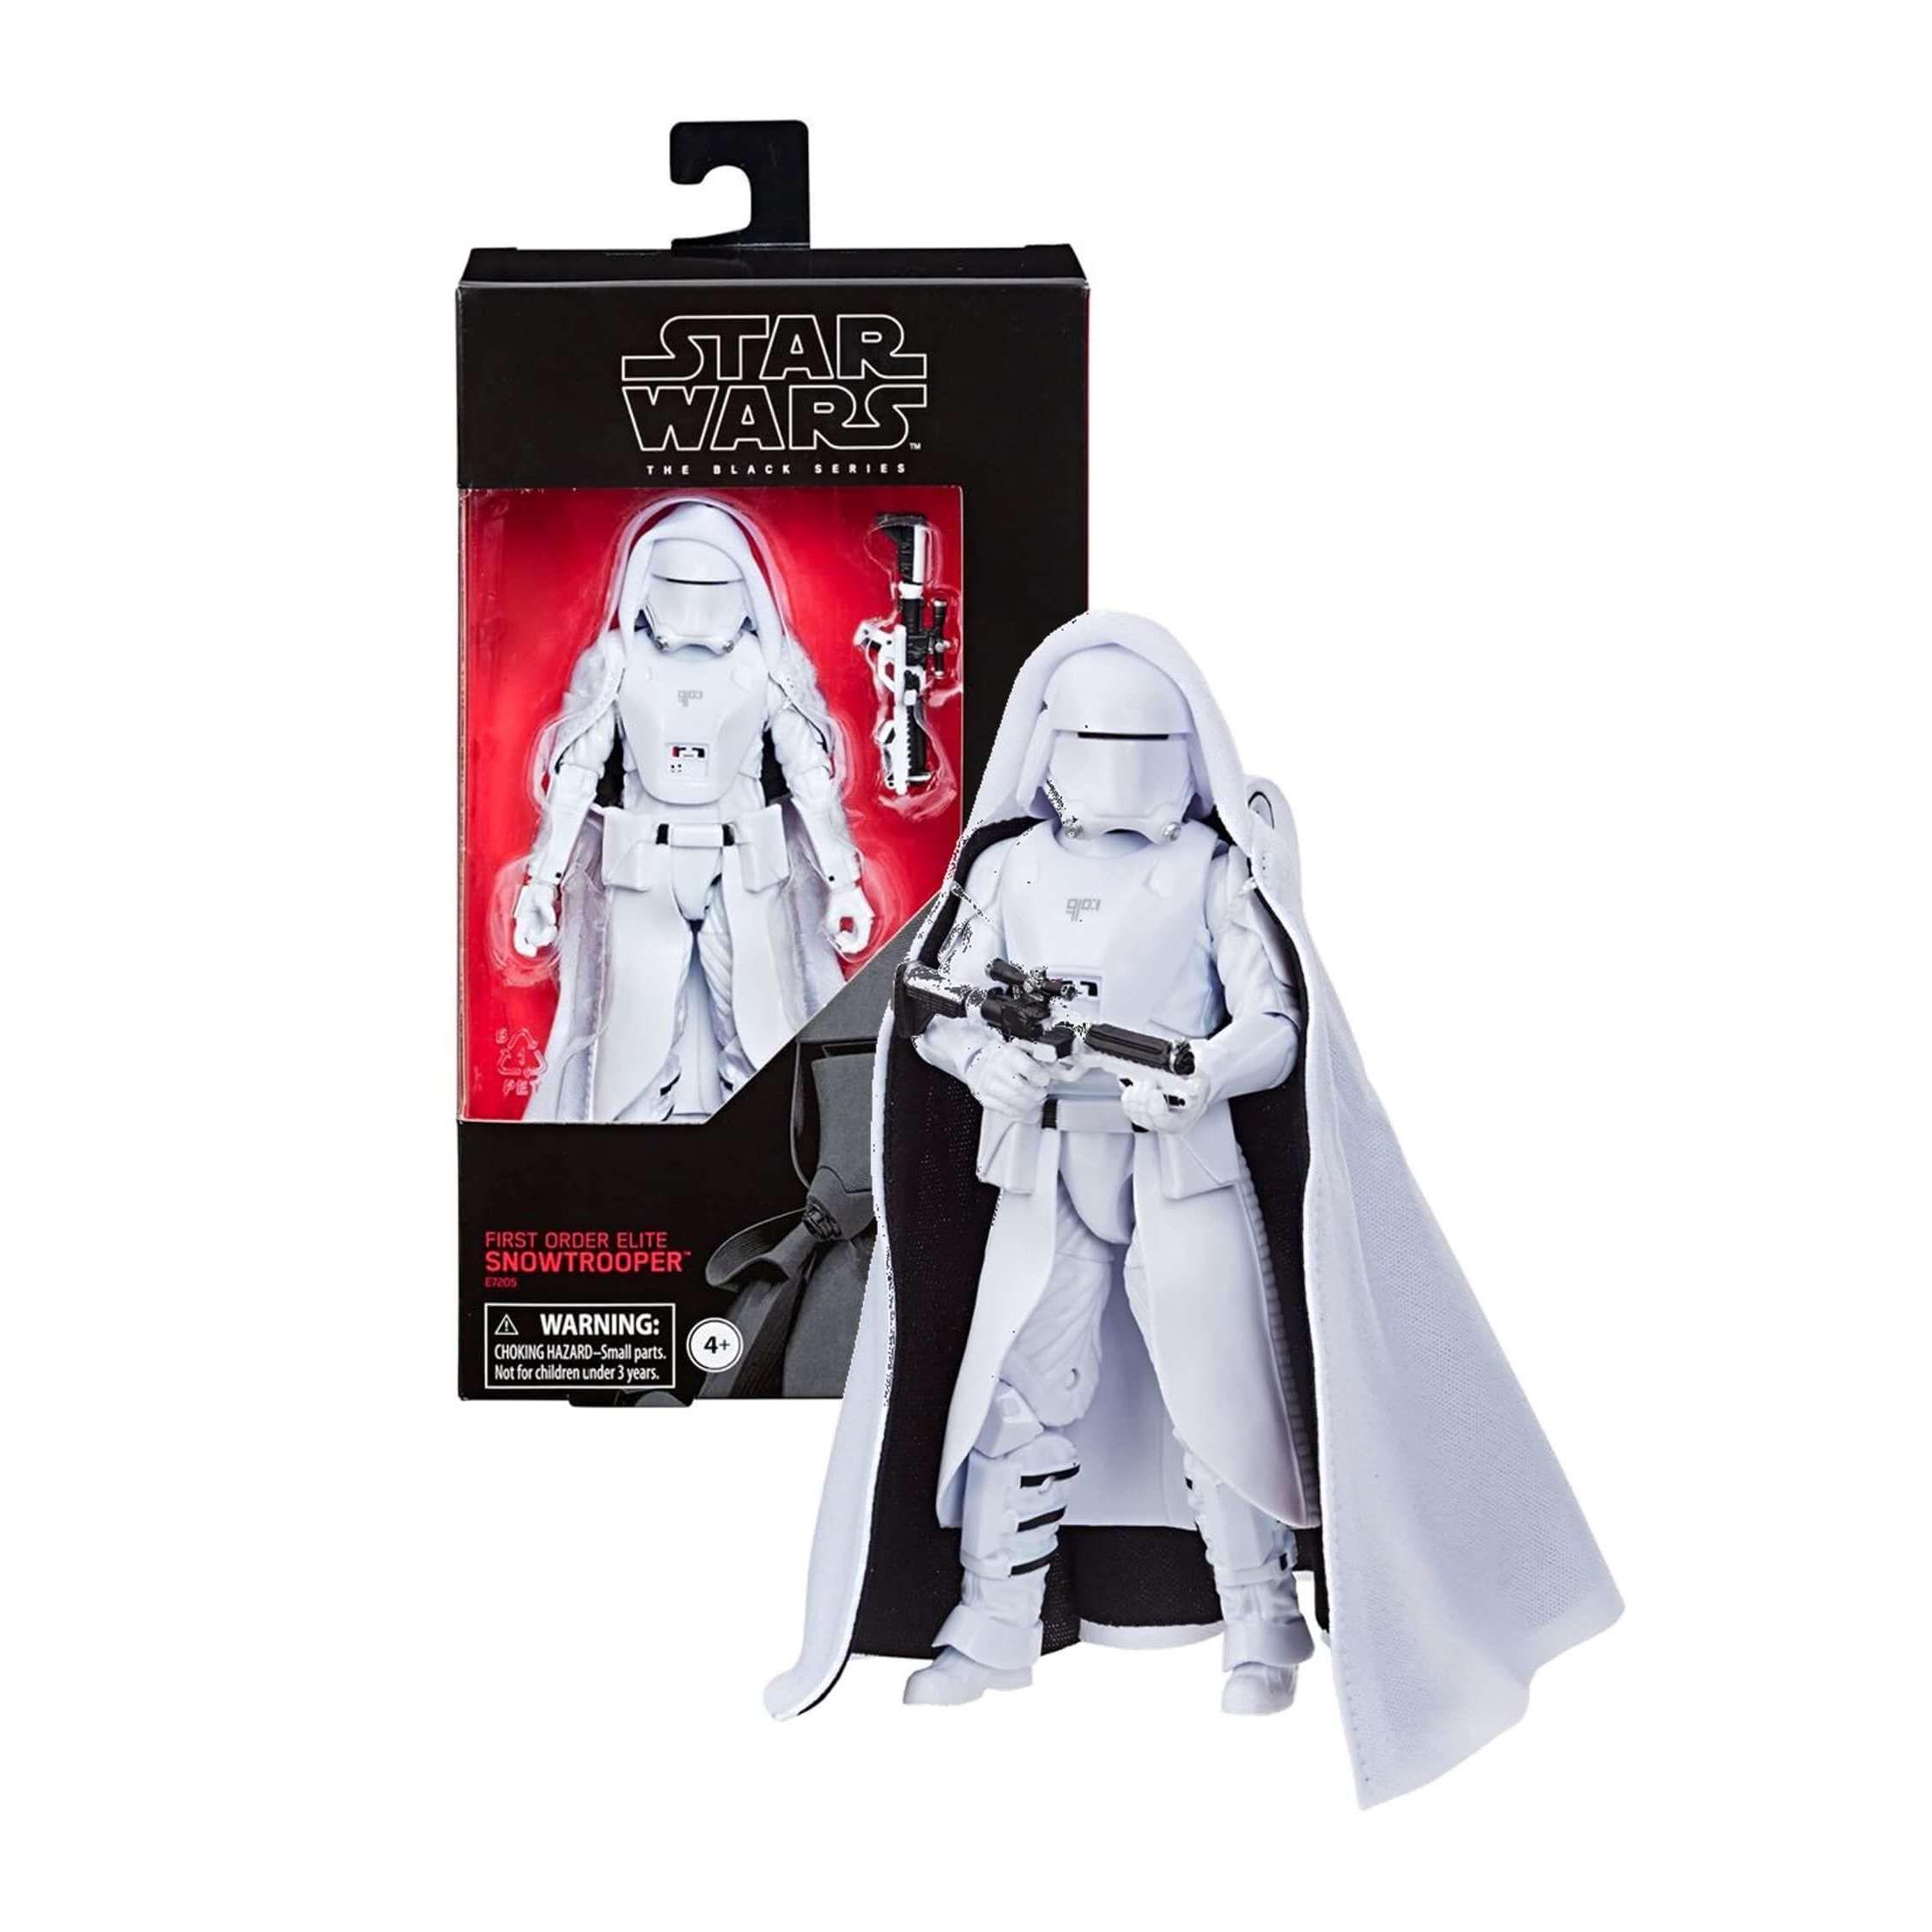 Star Wars The Black Series Rise Of Skywalker Elite Snow Trooper